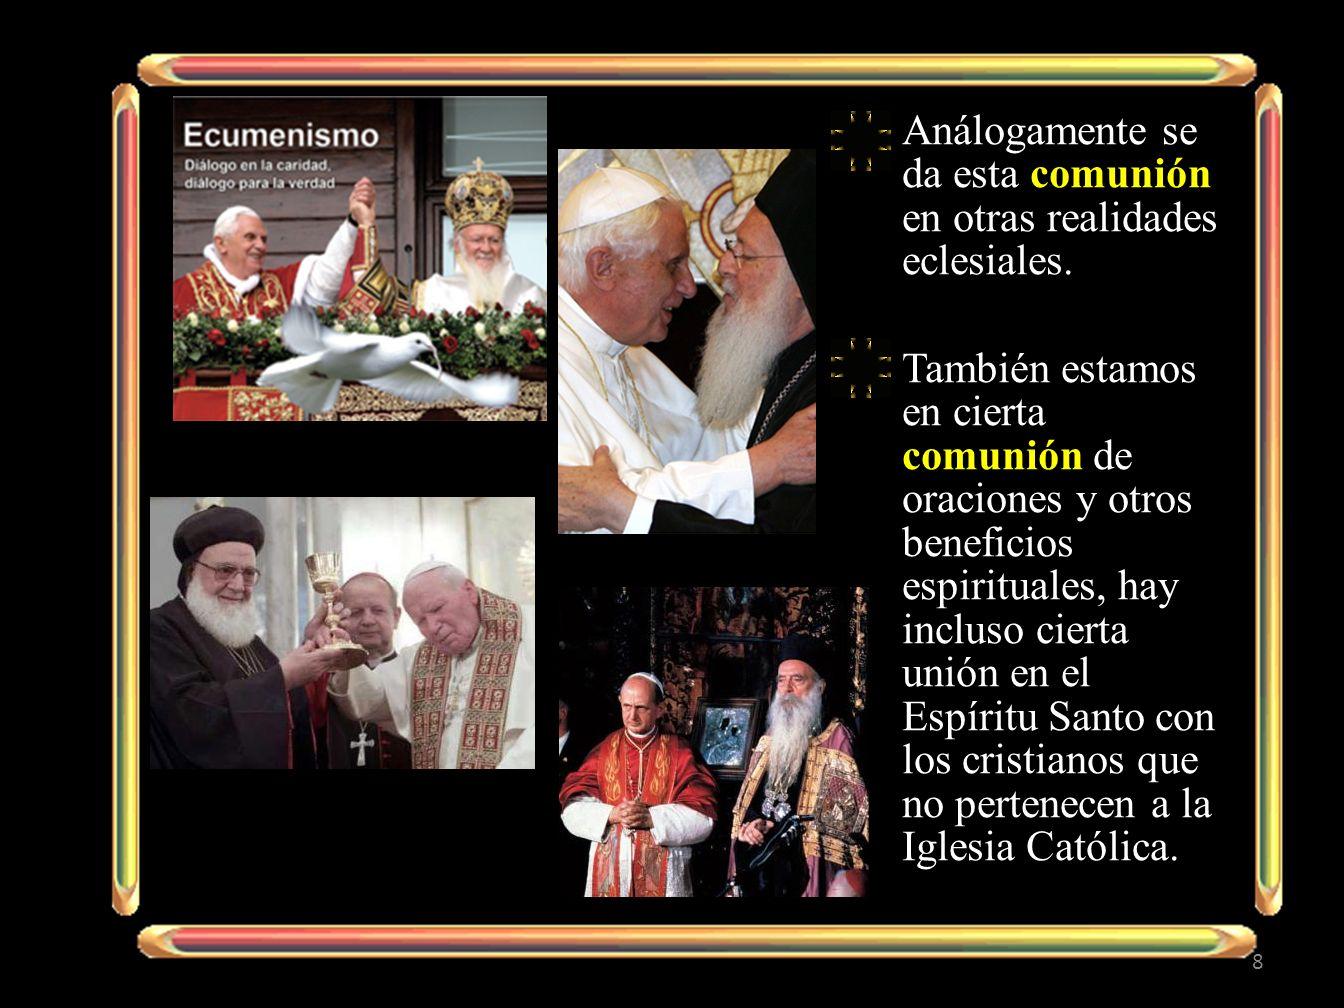 Para los pecados cometidos después del Bautismo, Cristo ha instituido el sacramento de la Penitencia, en el que el bautizado se reconcilia con Dios y con la Iglesia.